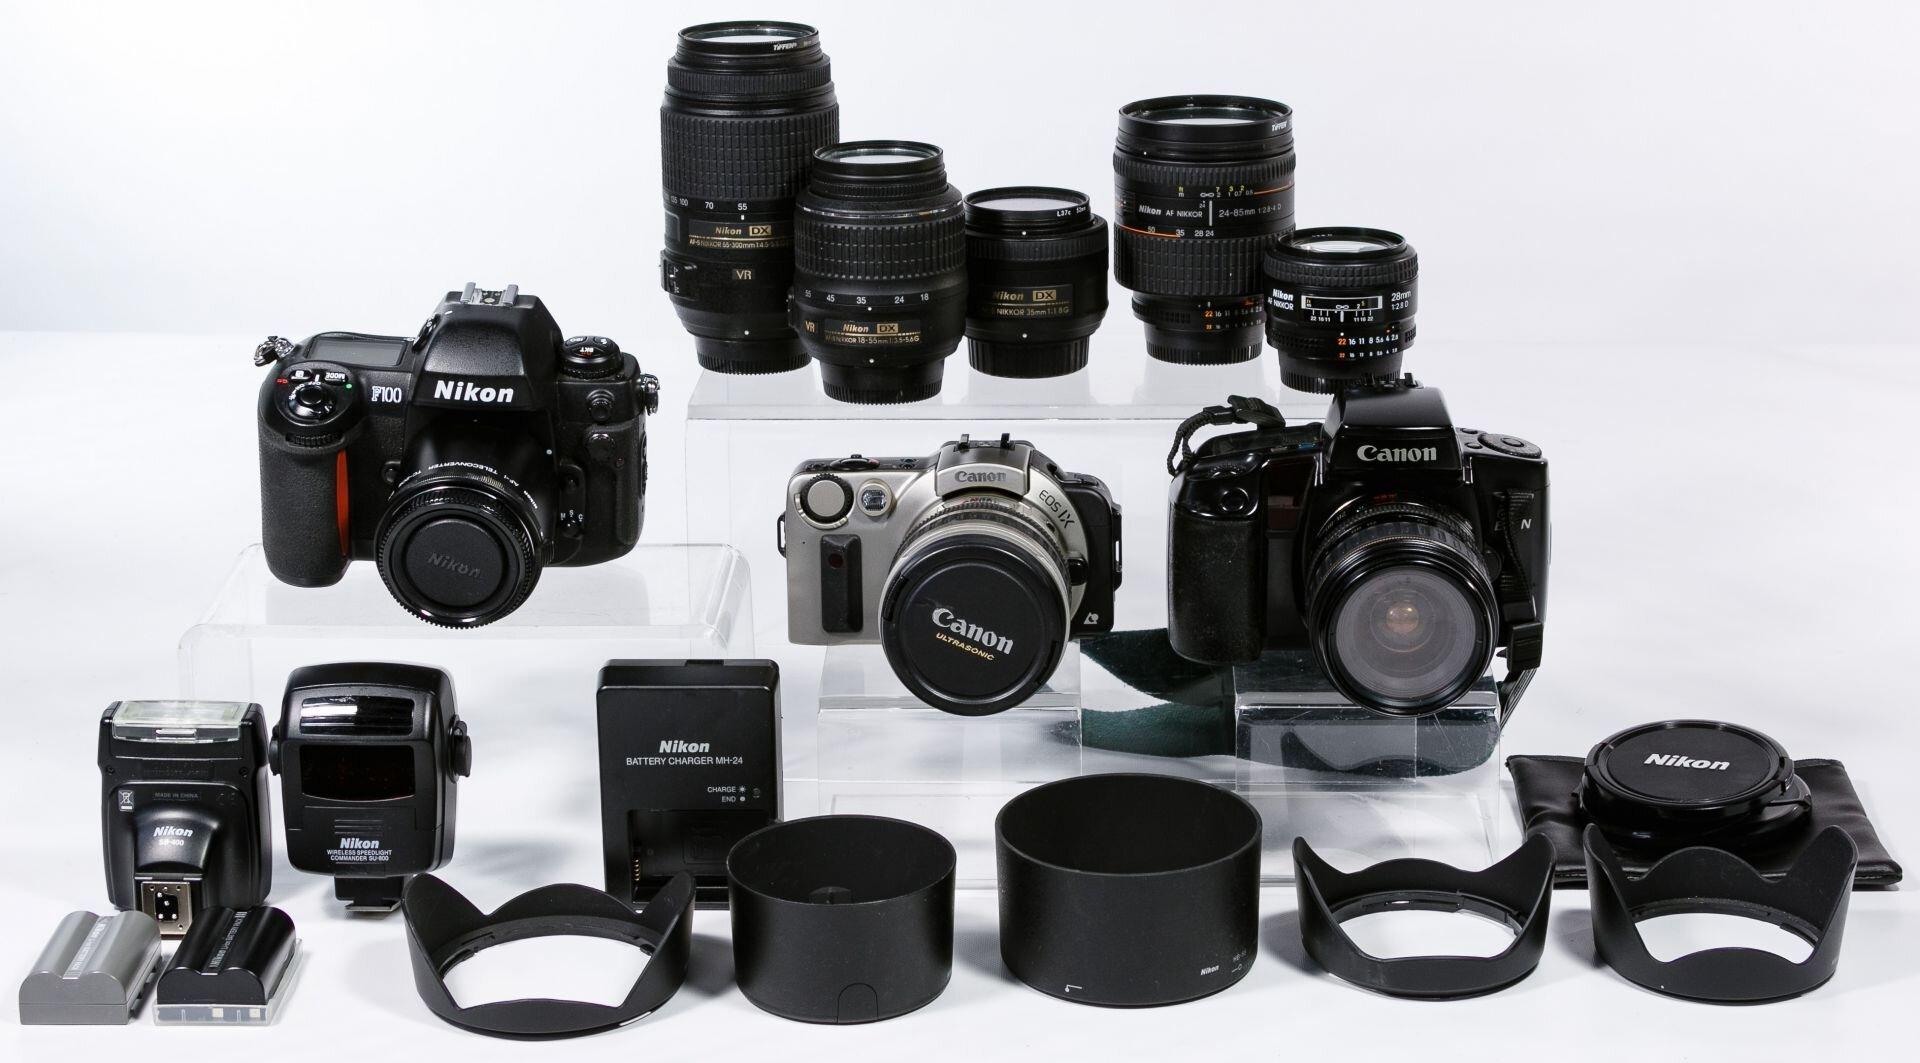 Nên mua ống kính Canon hay Nikon?